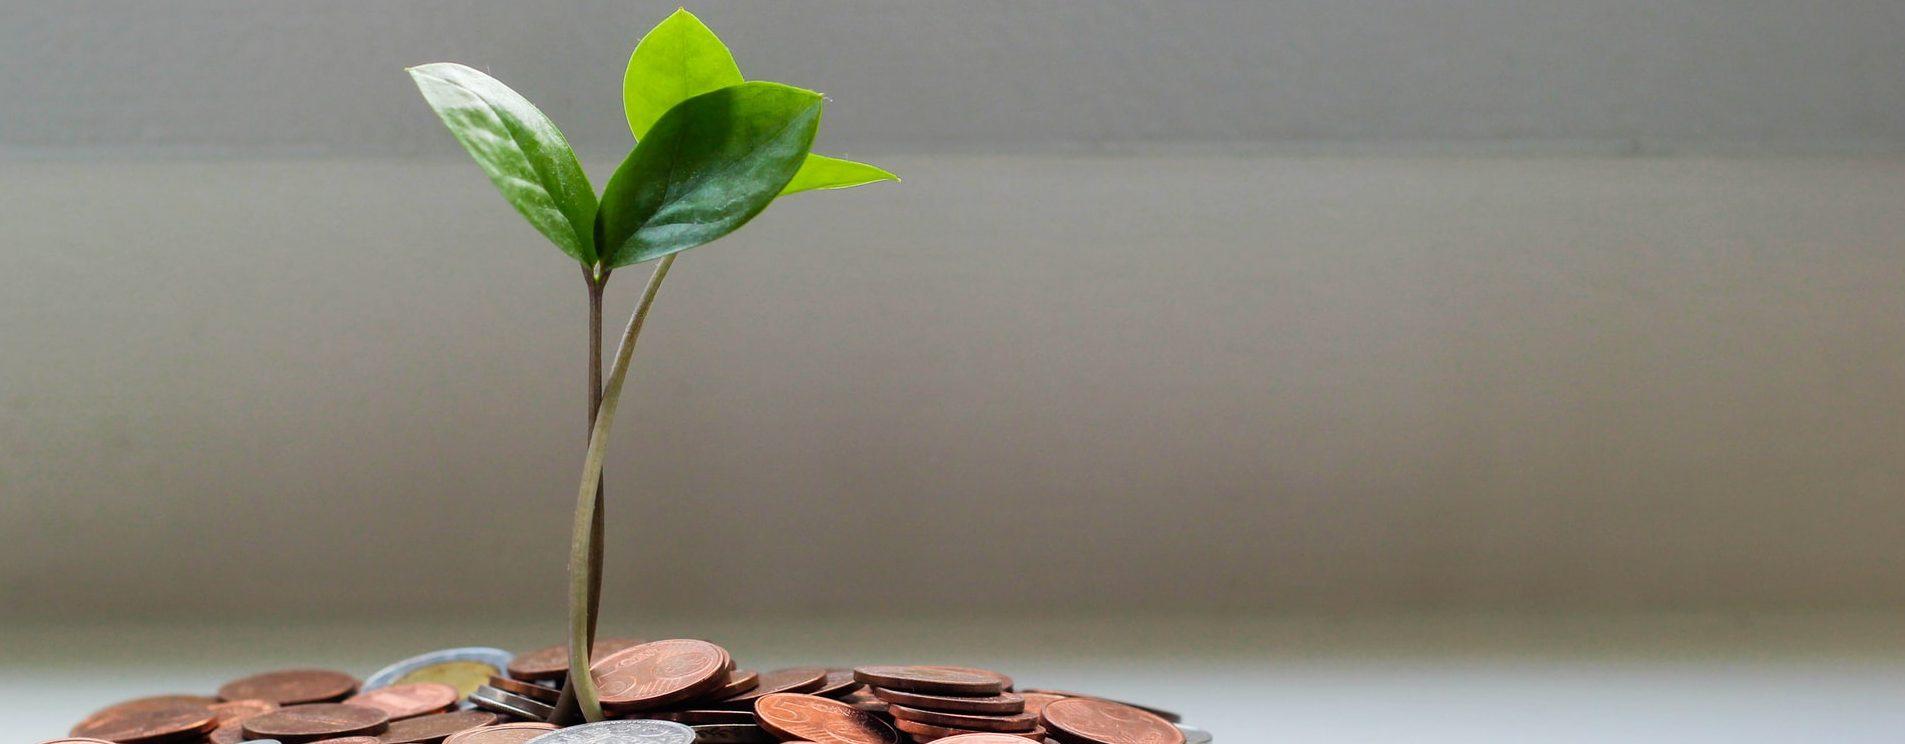 Kysy taloyhtiöstä: Miksi yhtiökokouksissa päätetään vuosittain vastikkeiden rahastoimisesta ja mitä rahastointi käytännössä tarkoittaa?